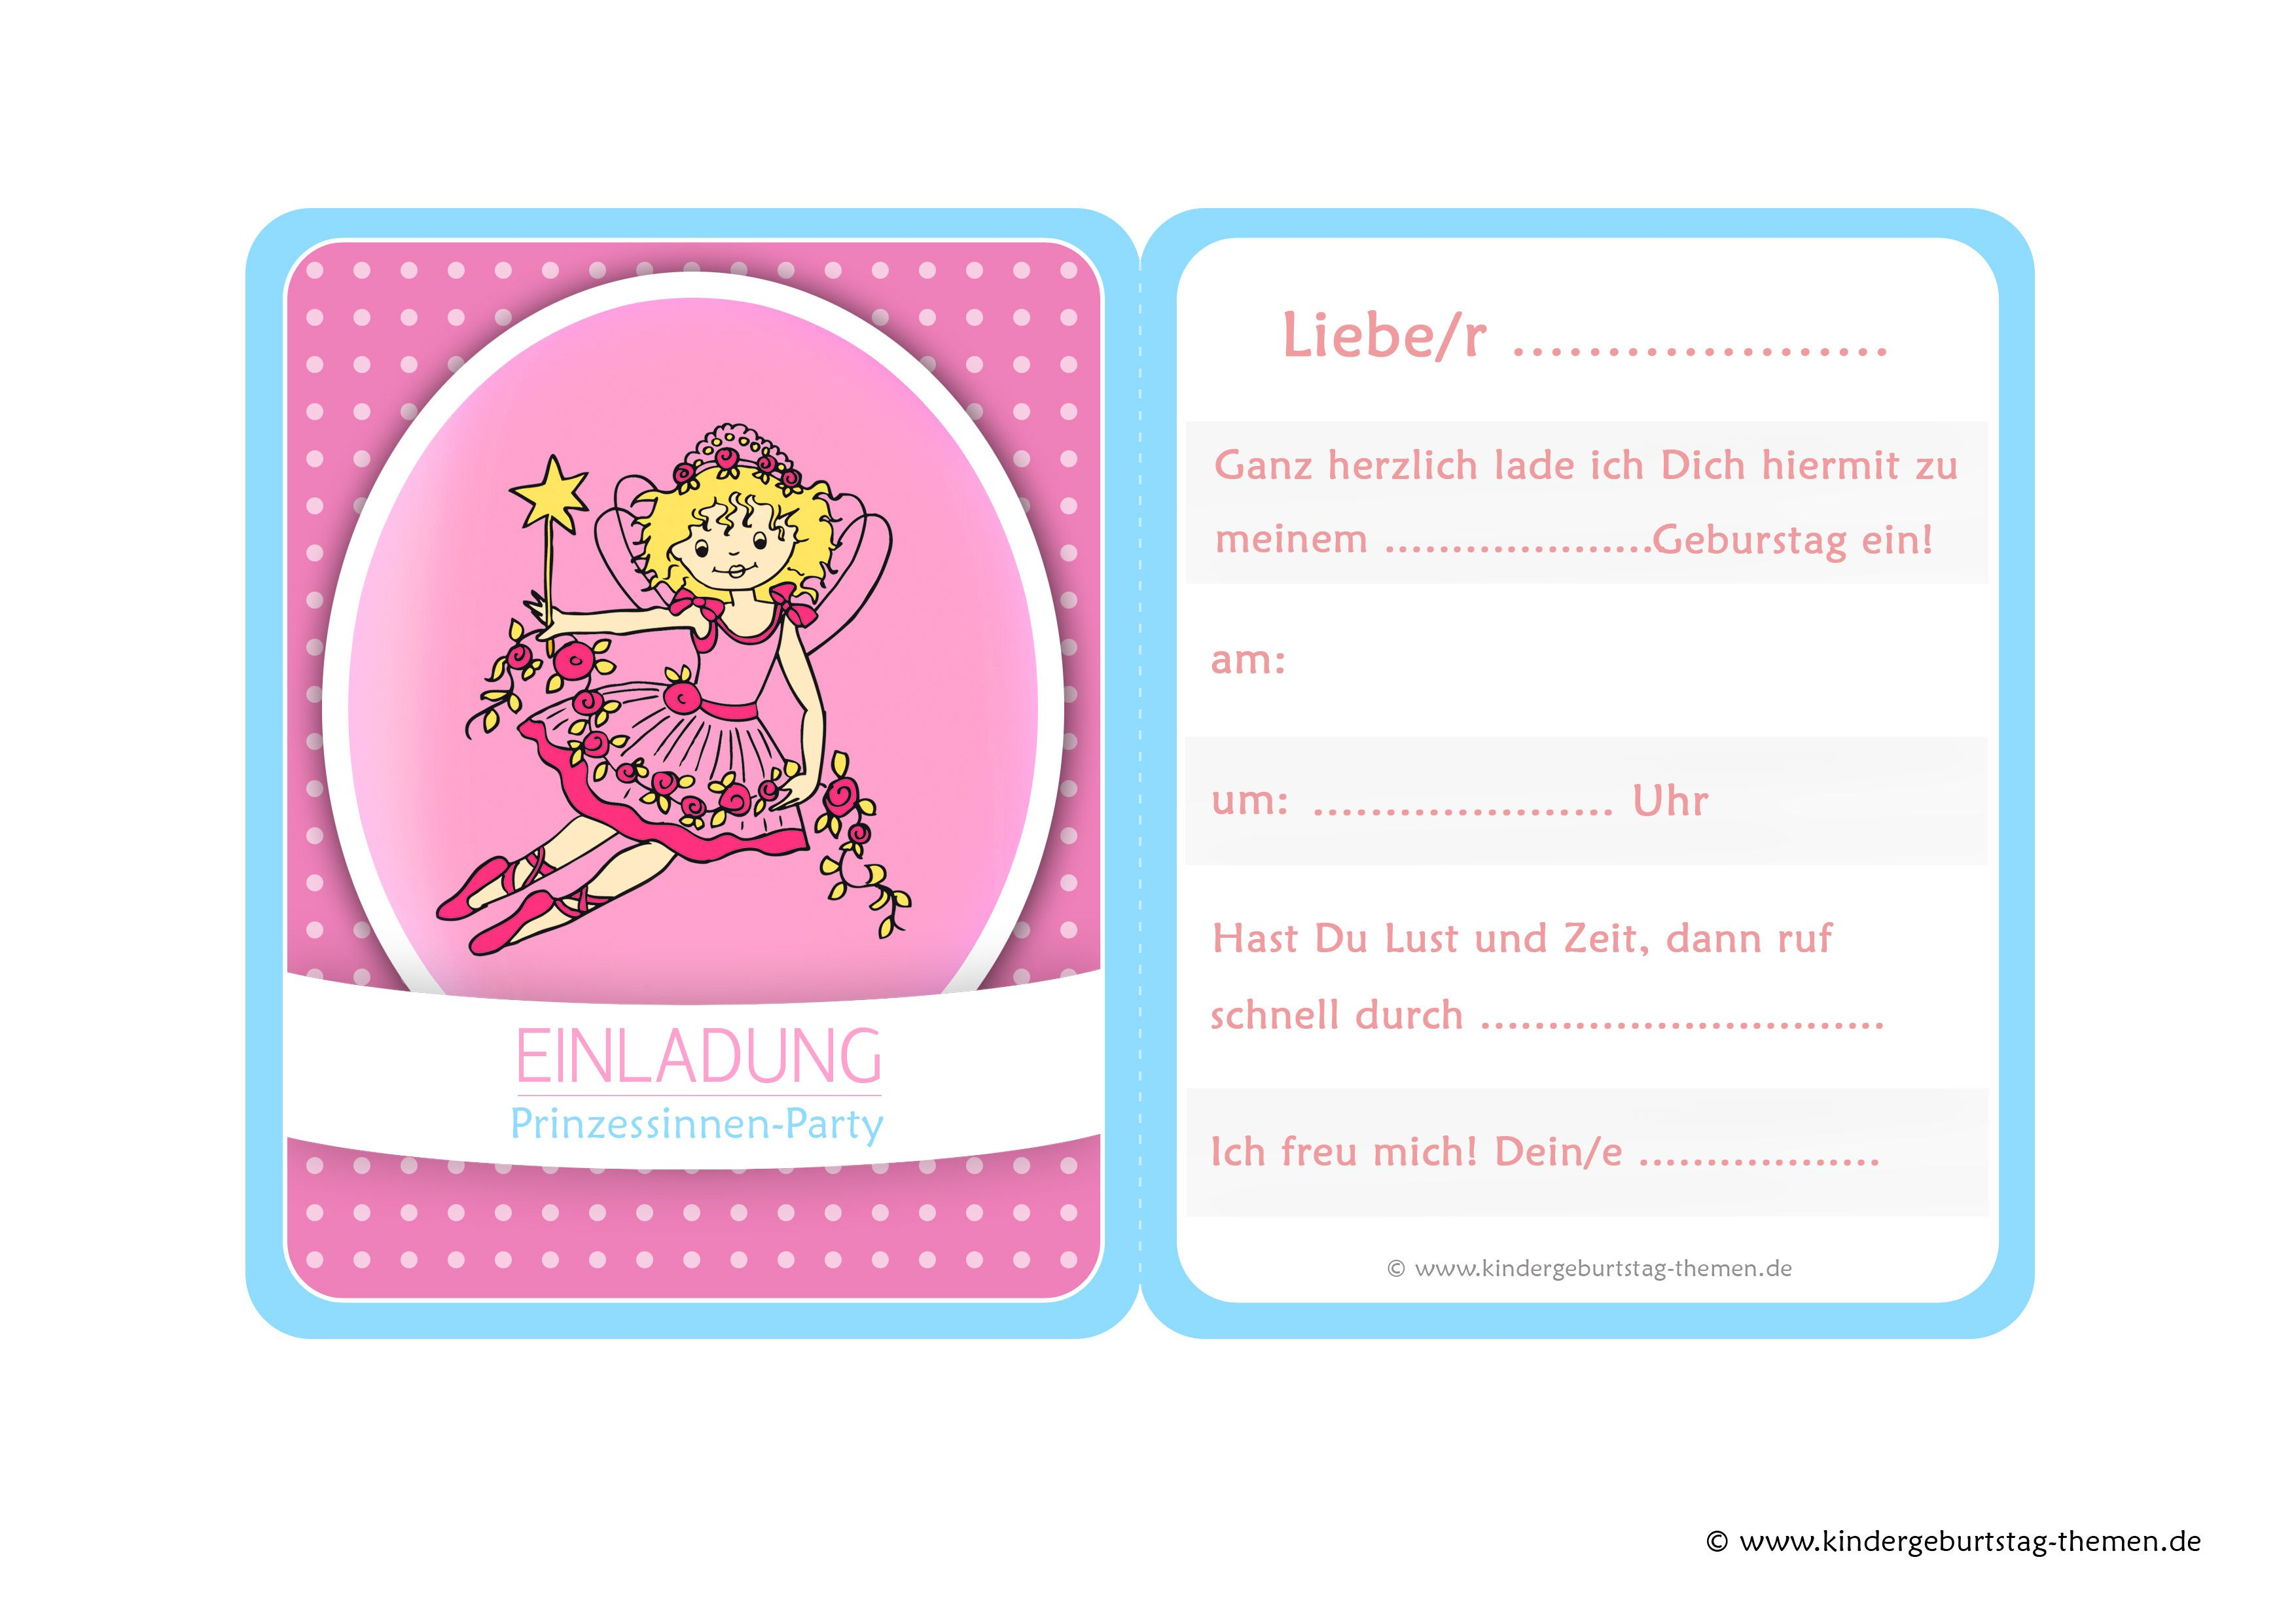 Auf Dieser Seite Finden Sie Die Vorlagen Von Einladungskarten Prinzessin  Lillifee Für Den Unvergesslichen Kindergeburtstag. Diese Schablone Kann Man  ...